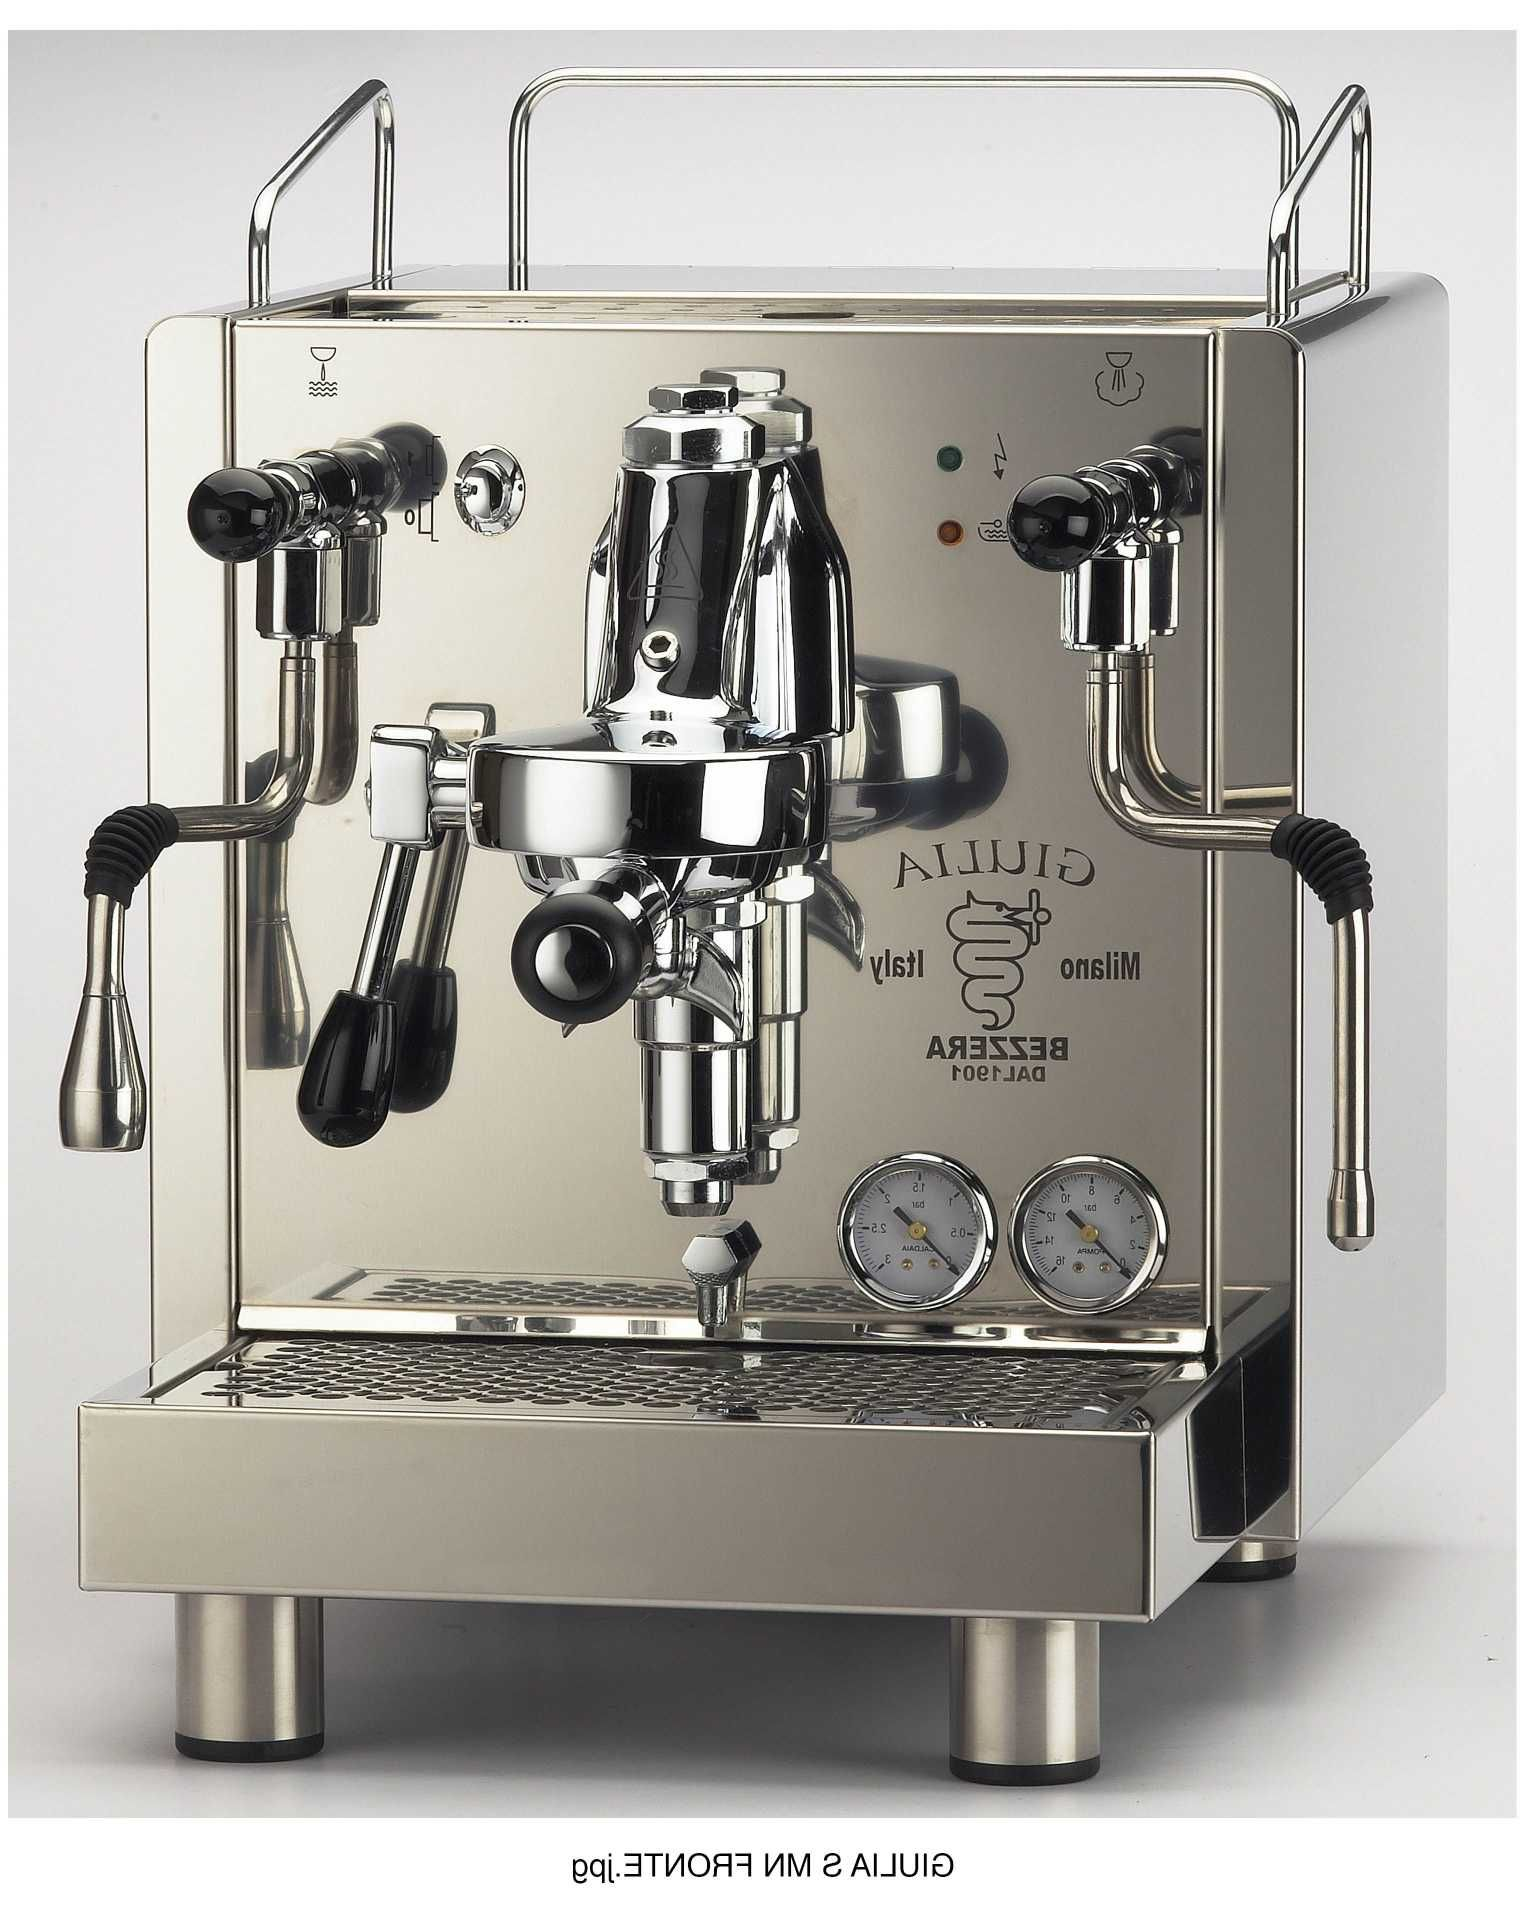 Find Restaurant Coffee Machines for Sale Bezzera